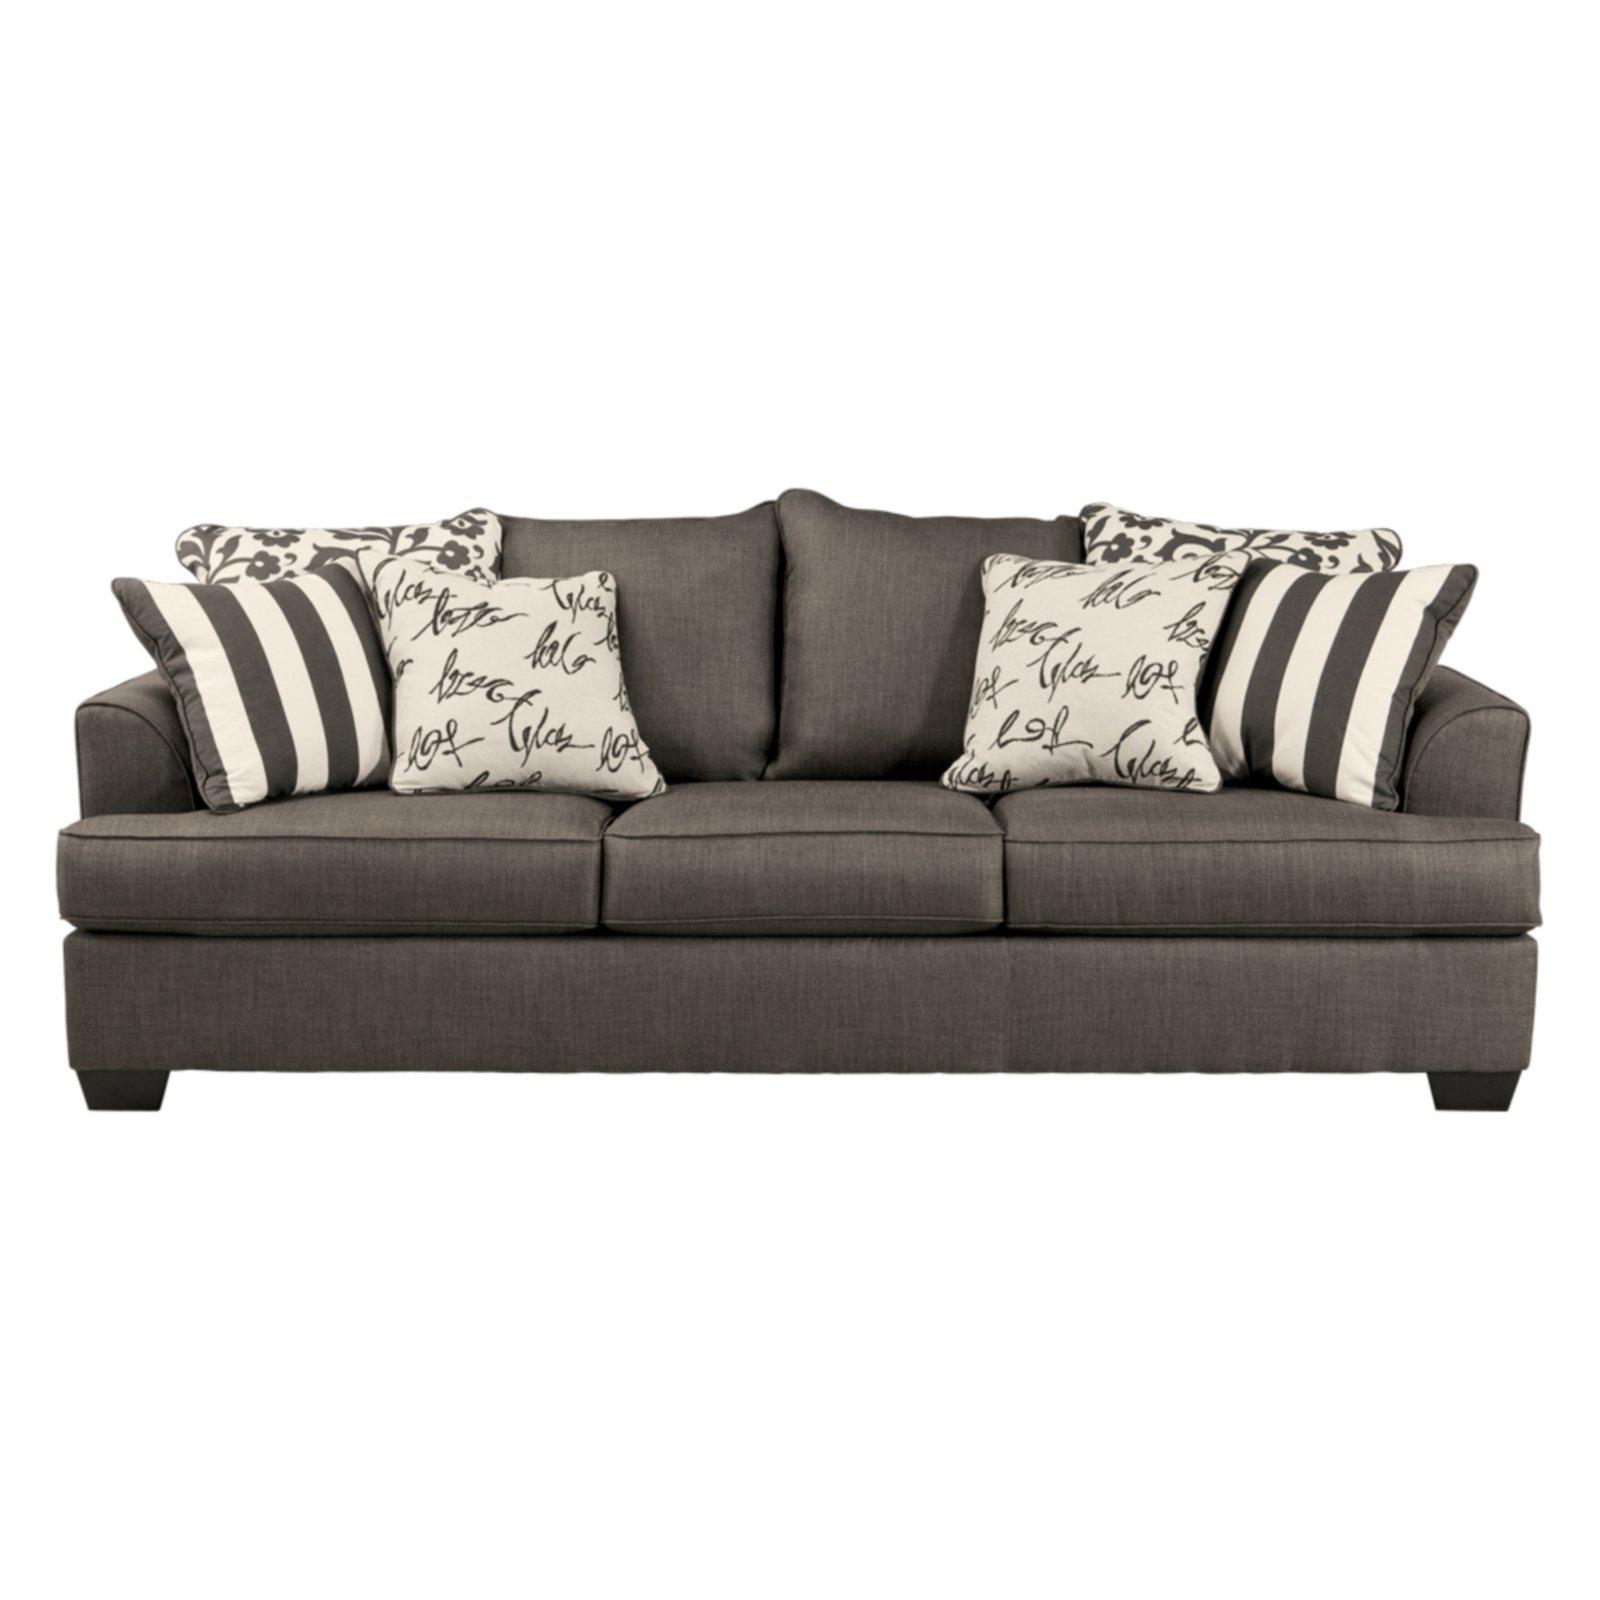 Aleyna Charcoal Queen Sleeper Charcoal Sofa Queen Sofa Sleeper